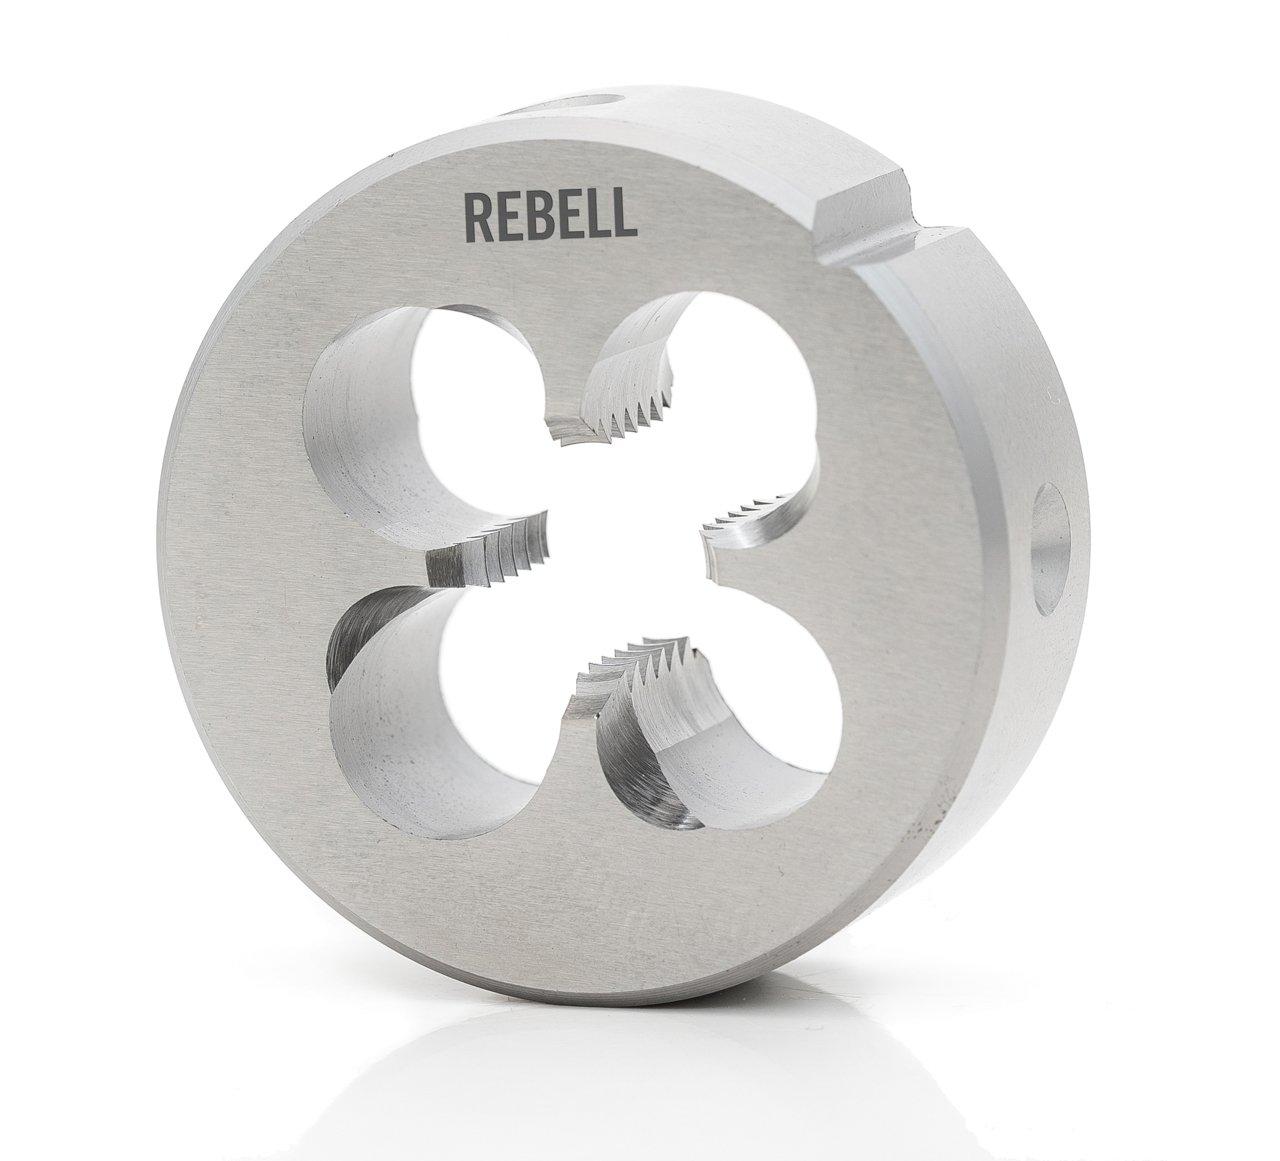 REBELL Schneideisen UNC RH 2A HSS geläppt mit Schälanschnitt - EN 22568 - Typ N